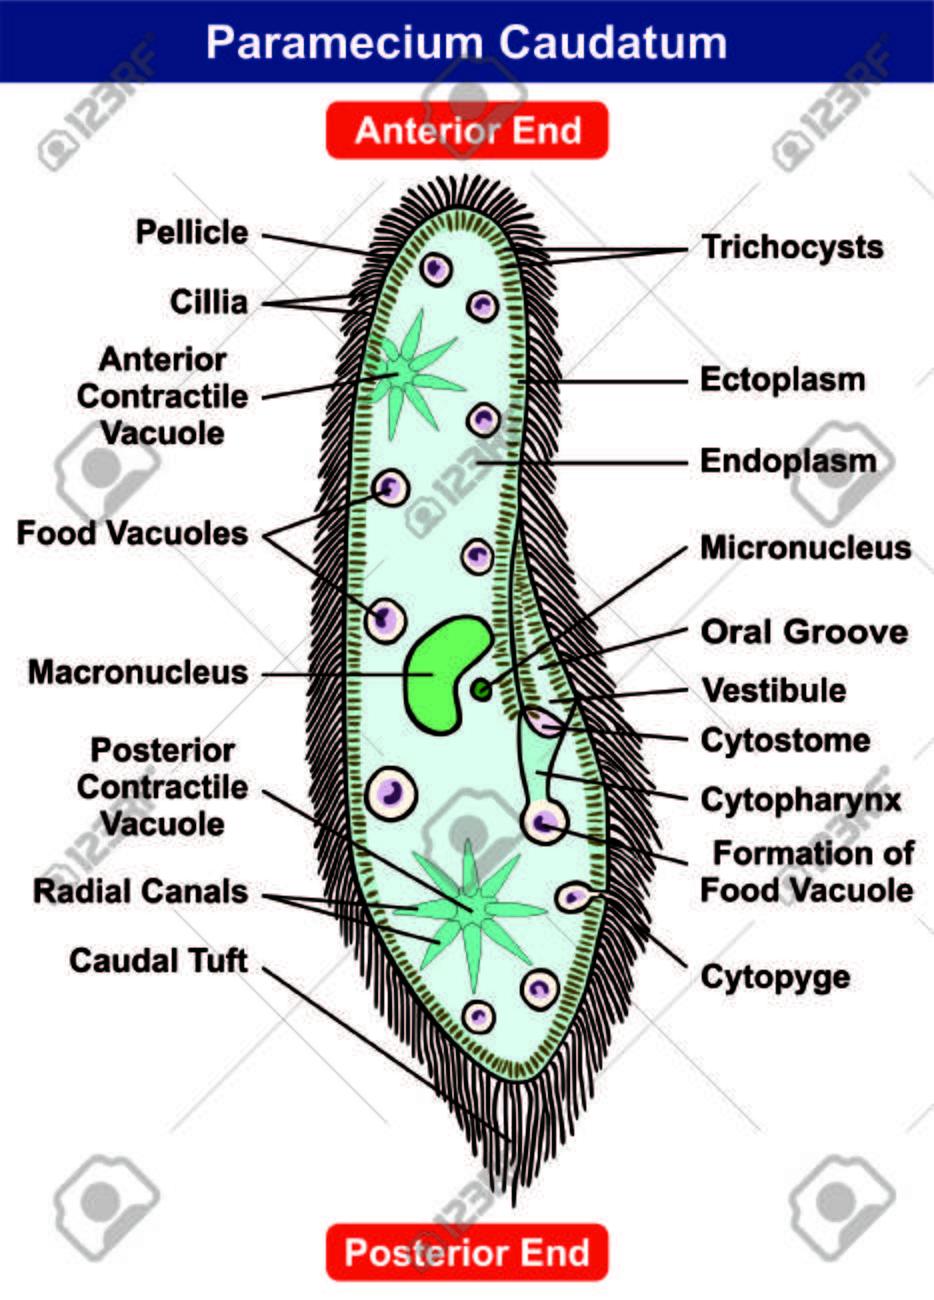 medium resolution of paramecium caudatum diagram single celled protists animal royalty protist bacteria virus venn diagram animal and protist diagram